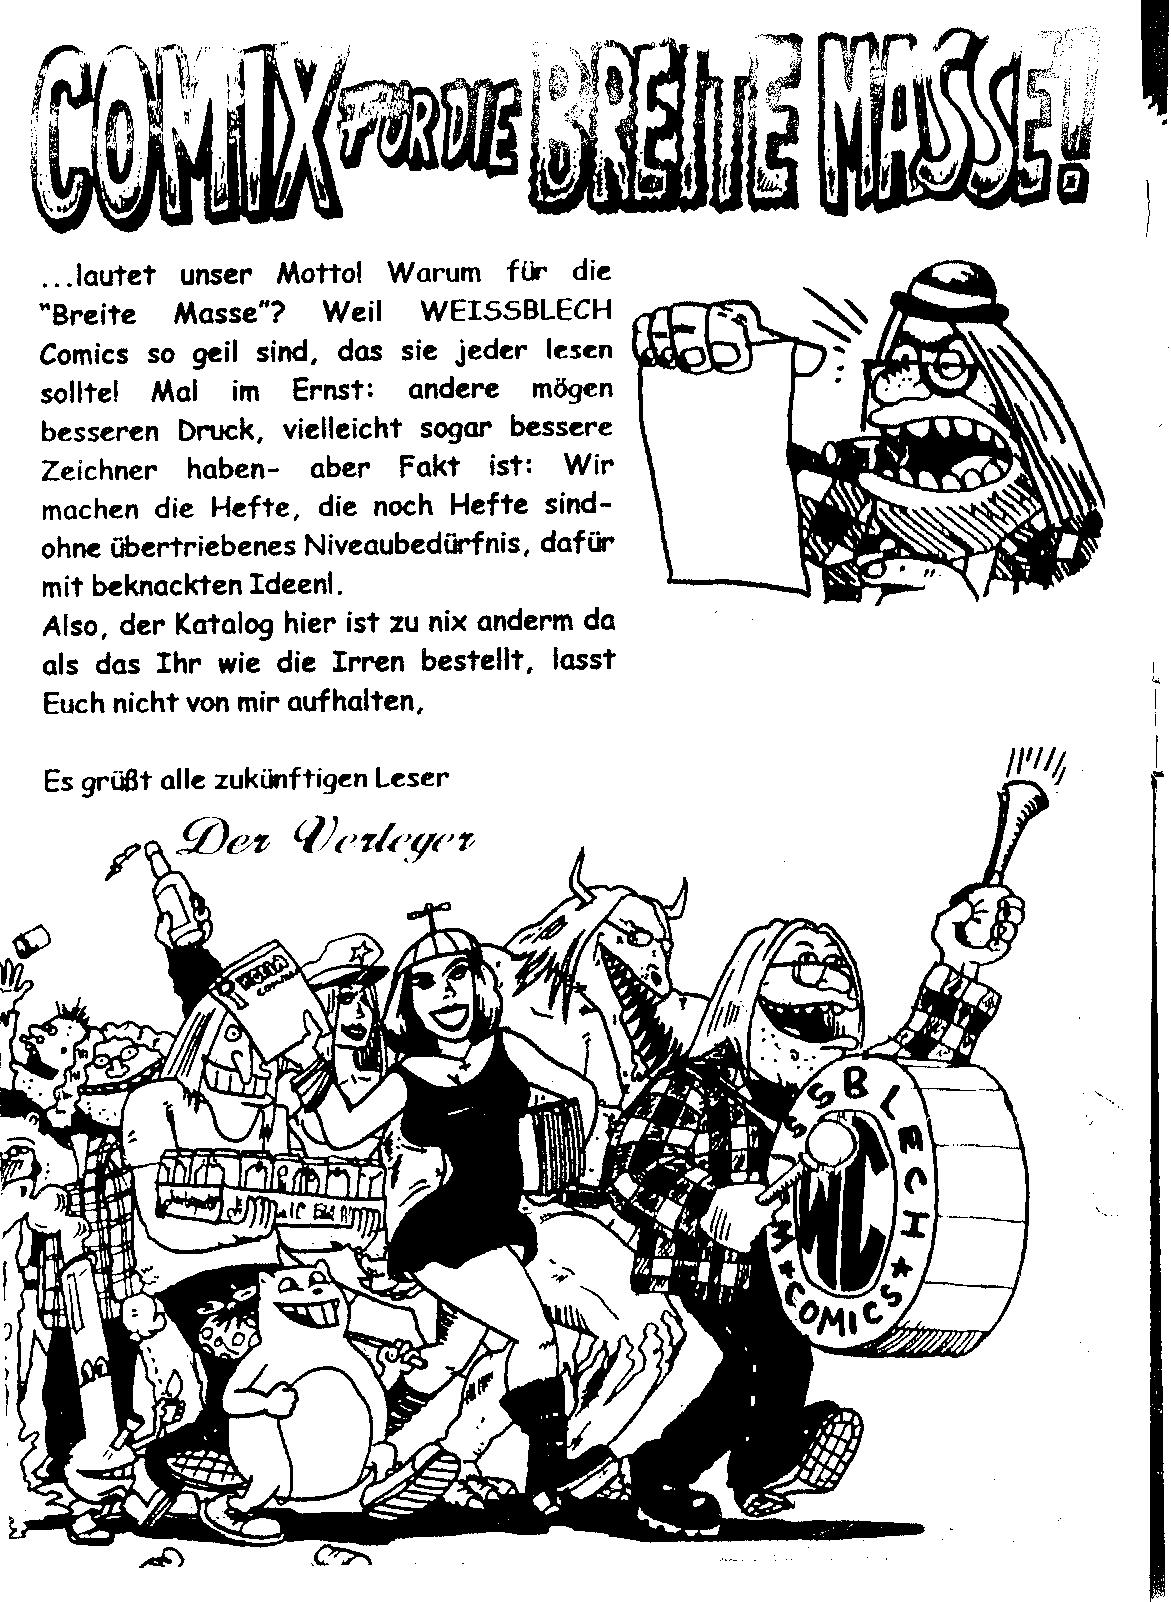 Weissblech Comics Katalog 2000